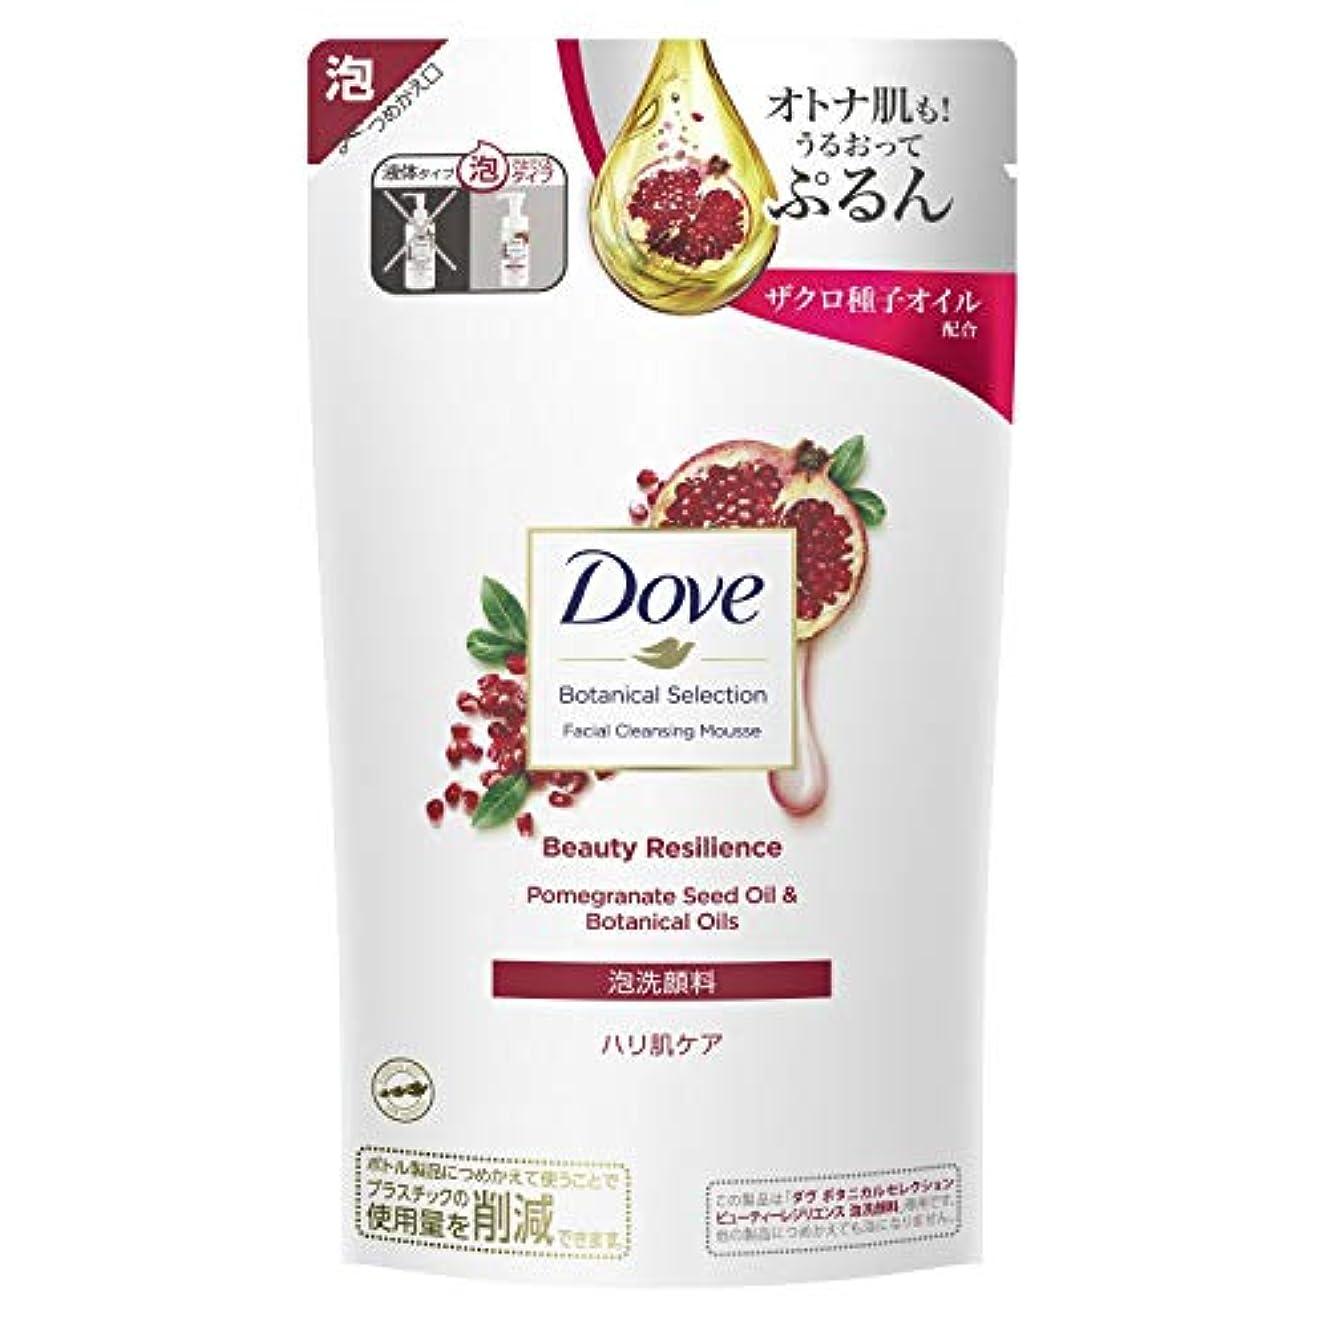 フィドル人質であるDove(ダヴ) ダヴ ボタニカルセレクション ビューティーレジリエンス 泡洗顔料 つめかえ用 135mL